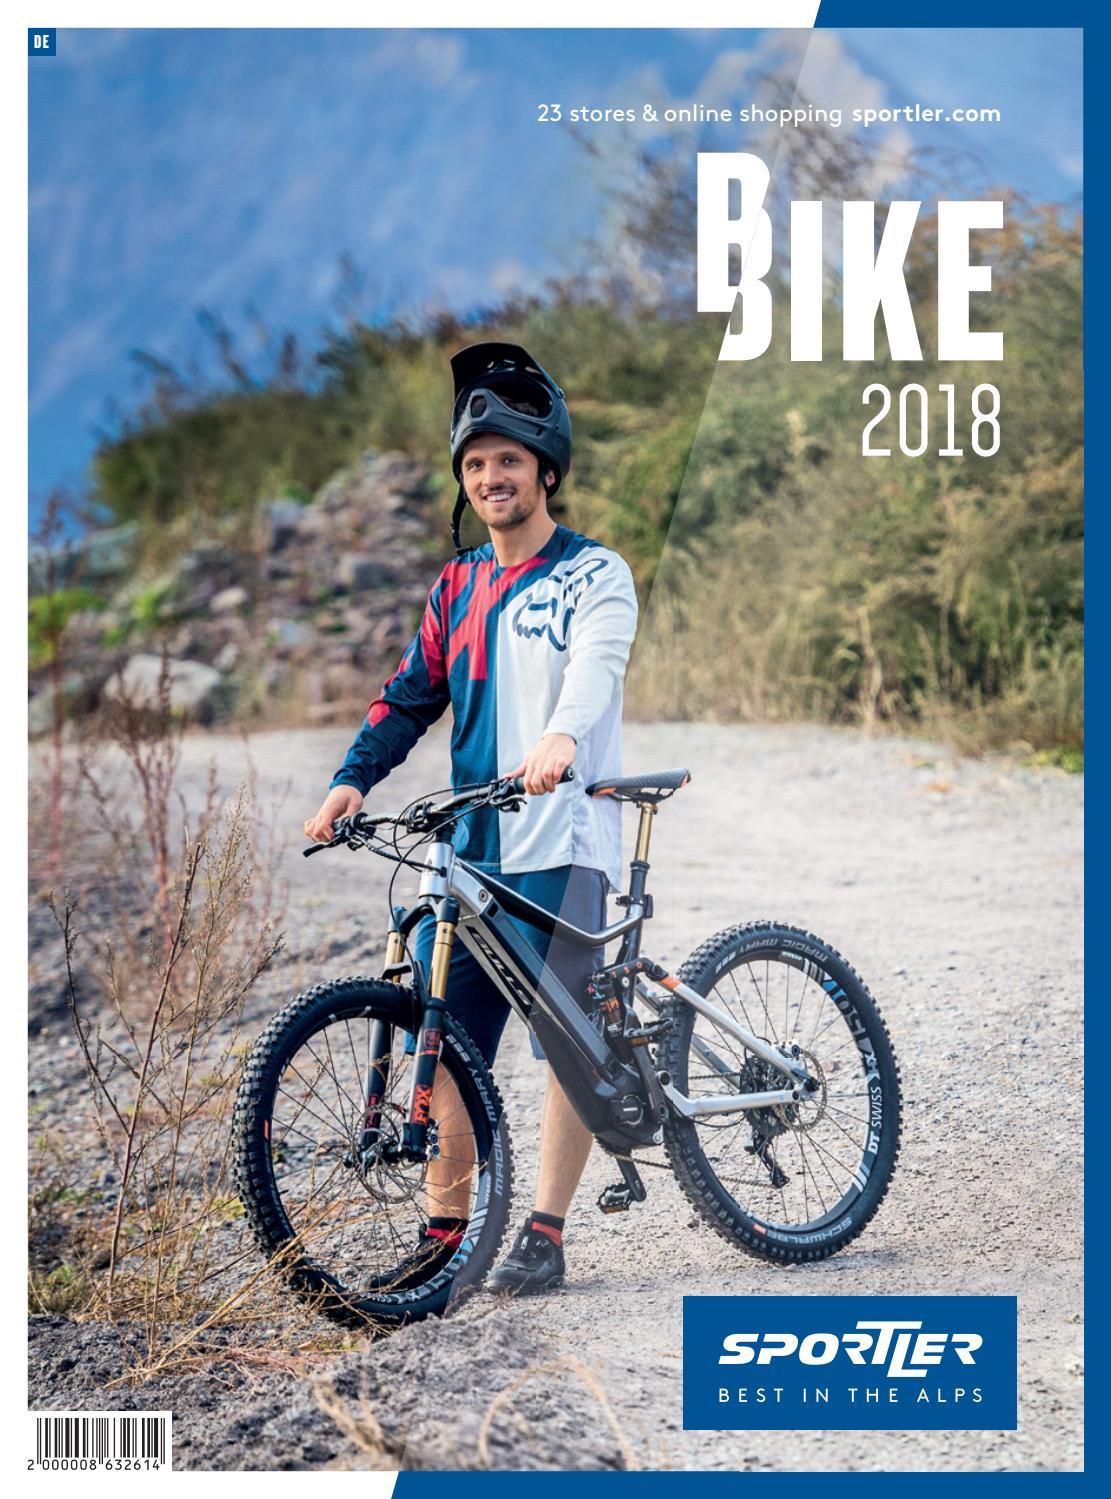 MTB Radlerhose,Rad,Mountainbike,Gelände,CoolMax Gepolstertes Inneres Lycra